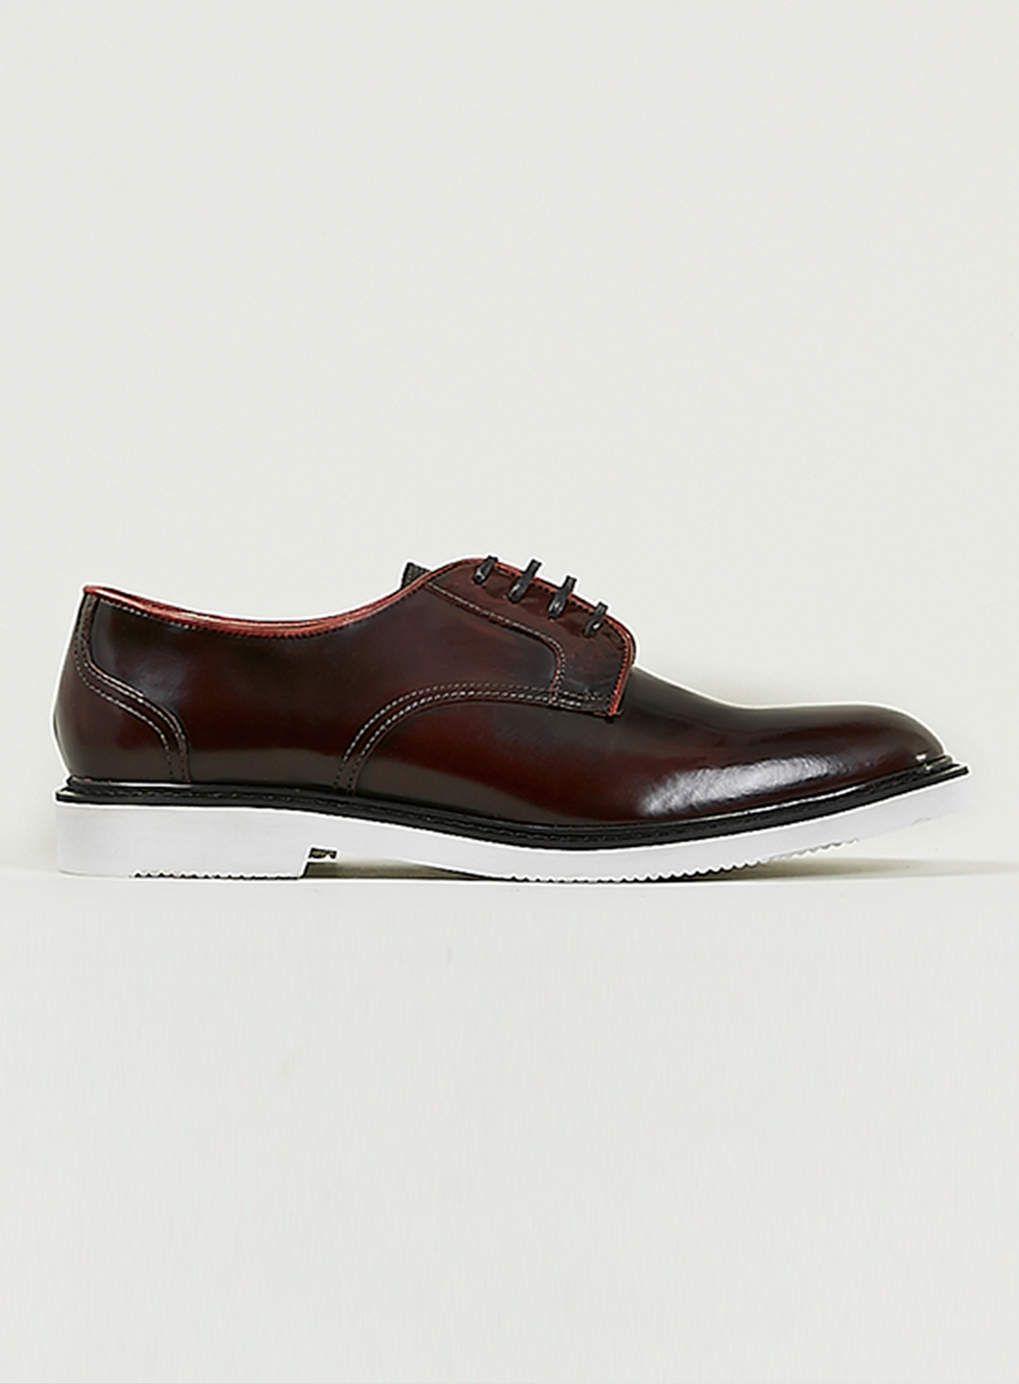 newest 21199 76e7a Foto 1 von Ben Sherman 'Ohns' Derby-Schuhe mit vier Ösen ...